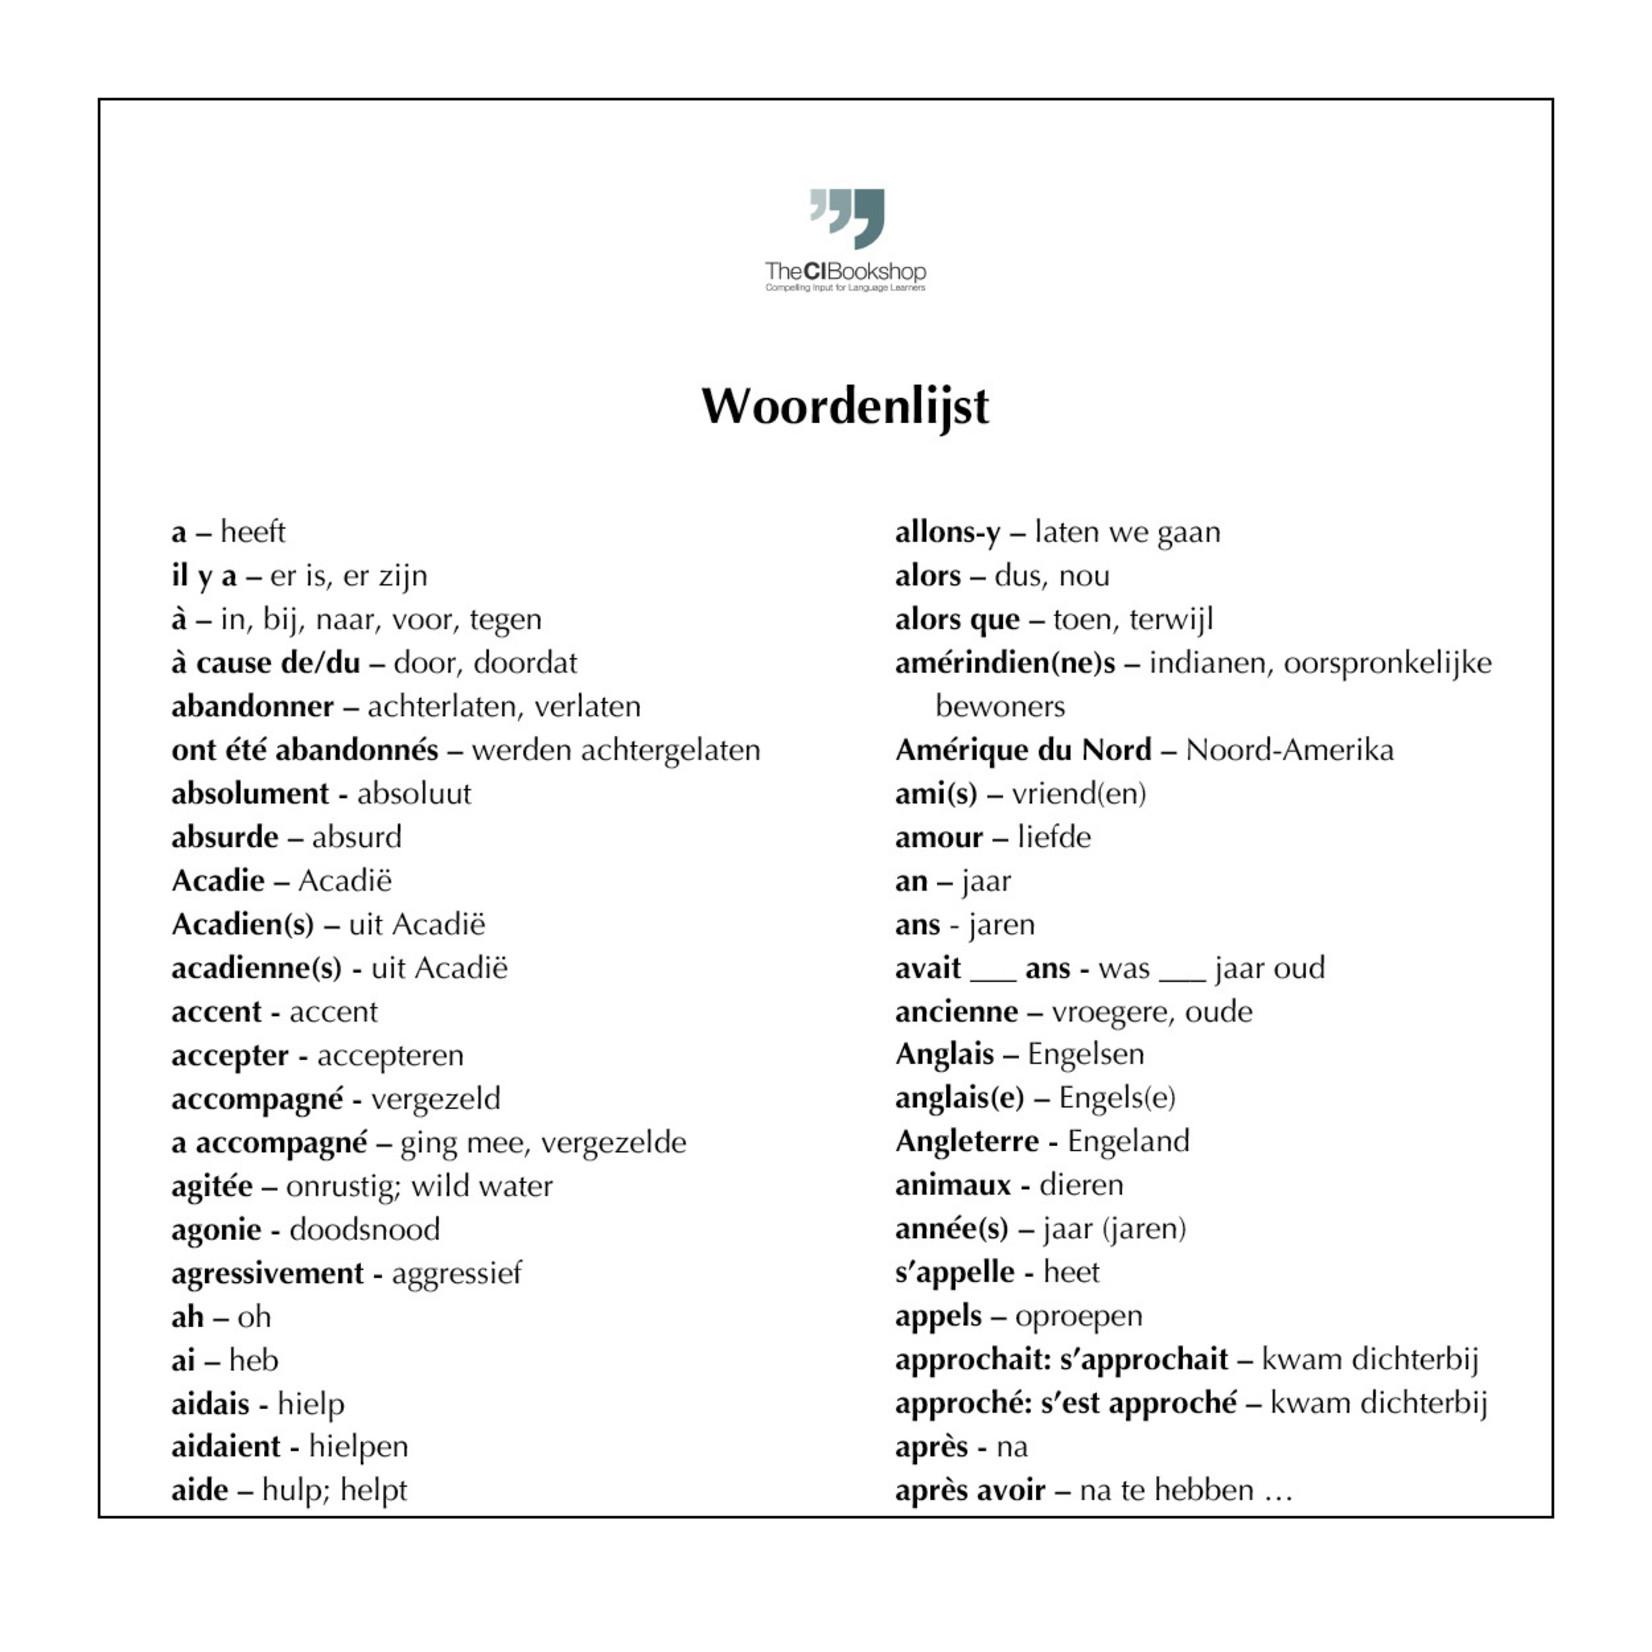 Dutch glossary for Le vol des oiseaux